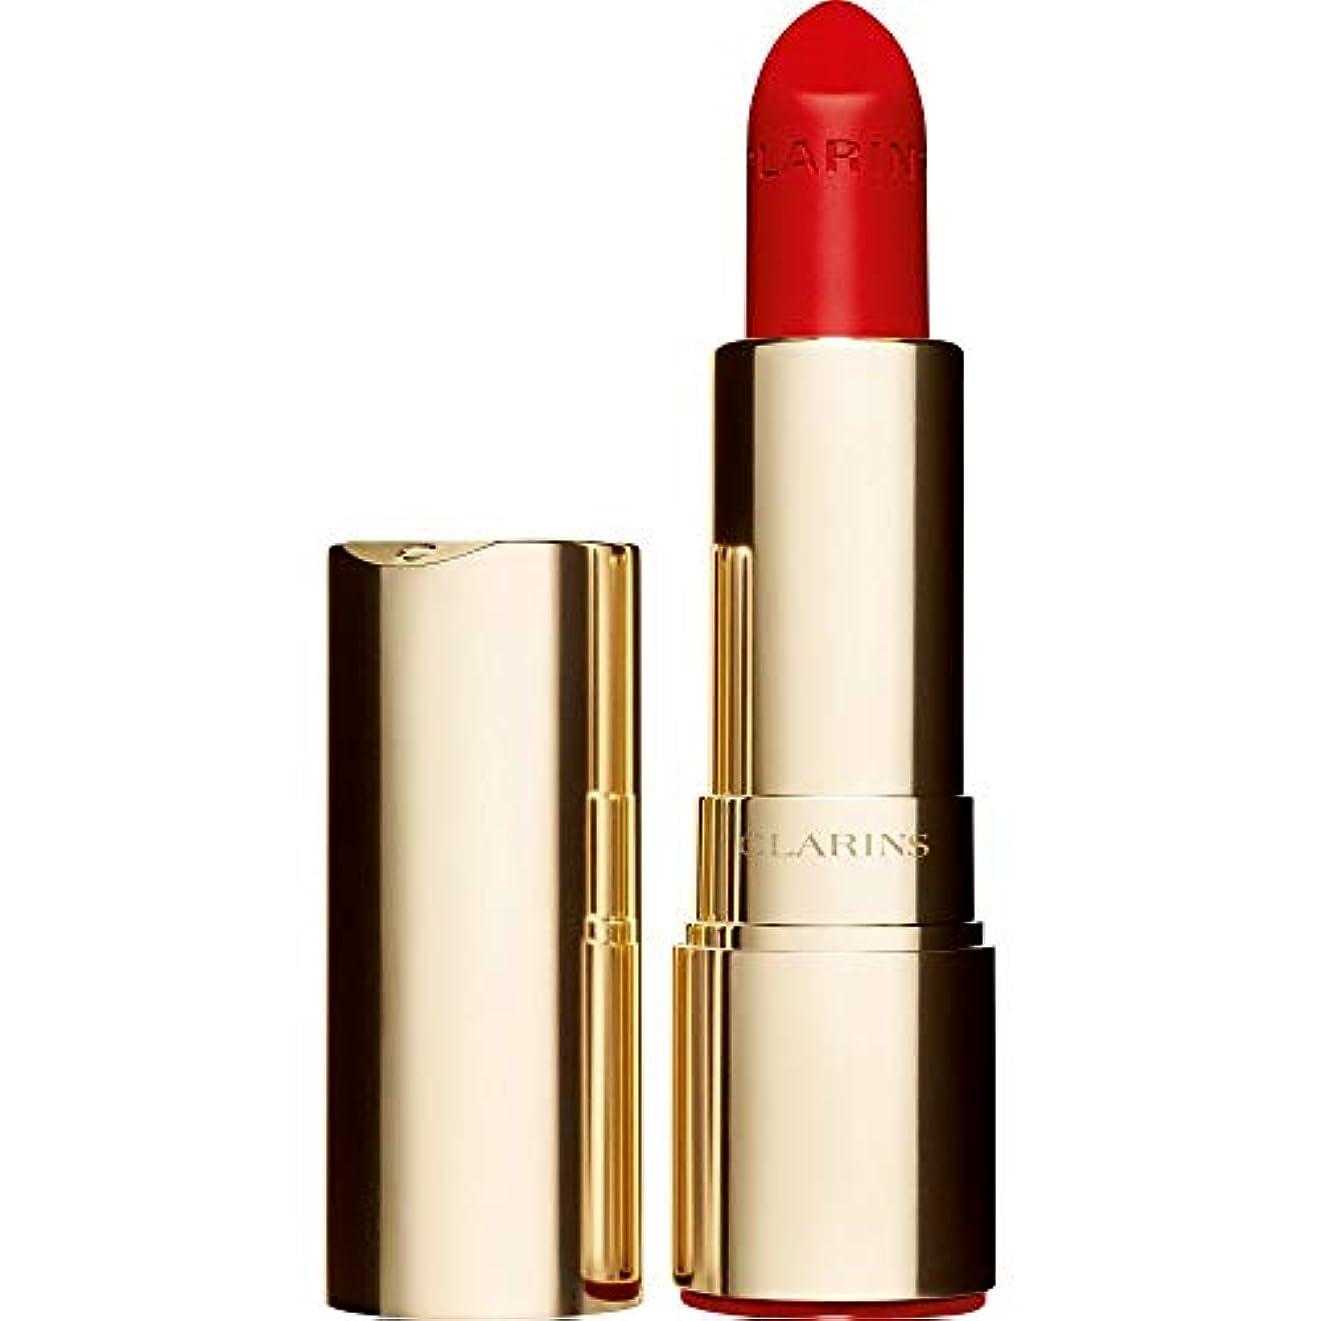 ぴったりく誇りに思う[Clarins ] クラランスジョリルージュのベルベットの口紅3.5グラムの741V - 赤、オレンジ - Clarins Joli Rouge Velvet Lipstick 3.5g 741V - Red Orange...